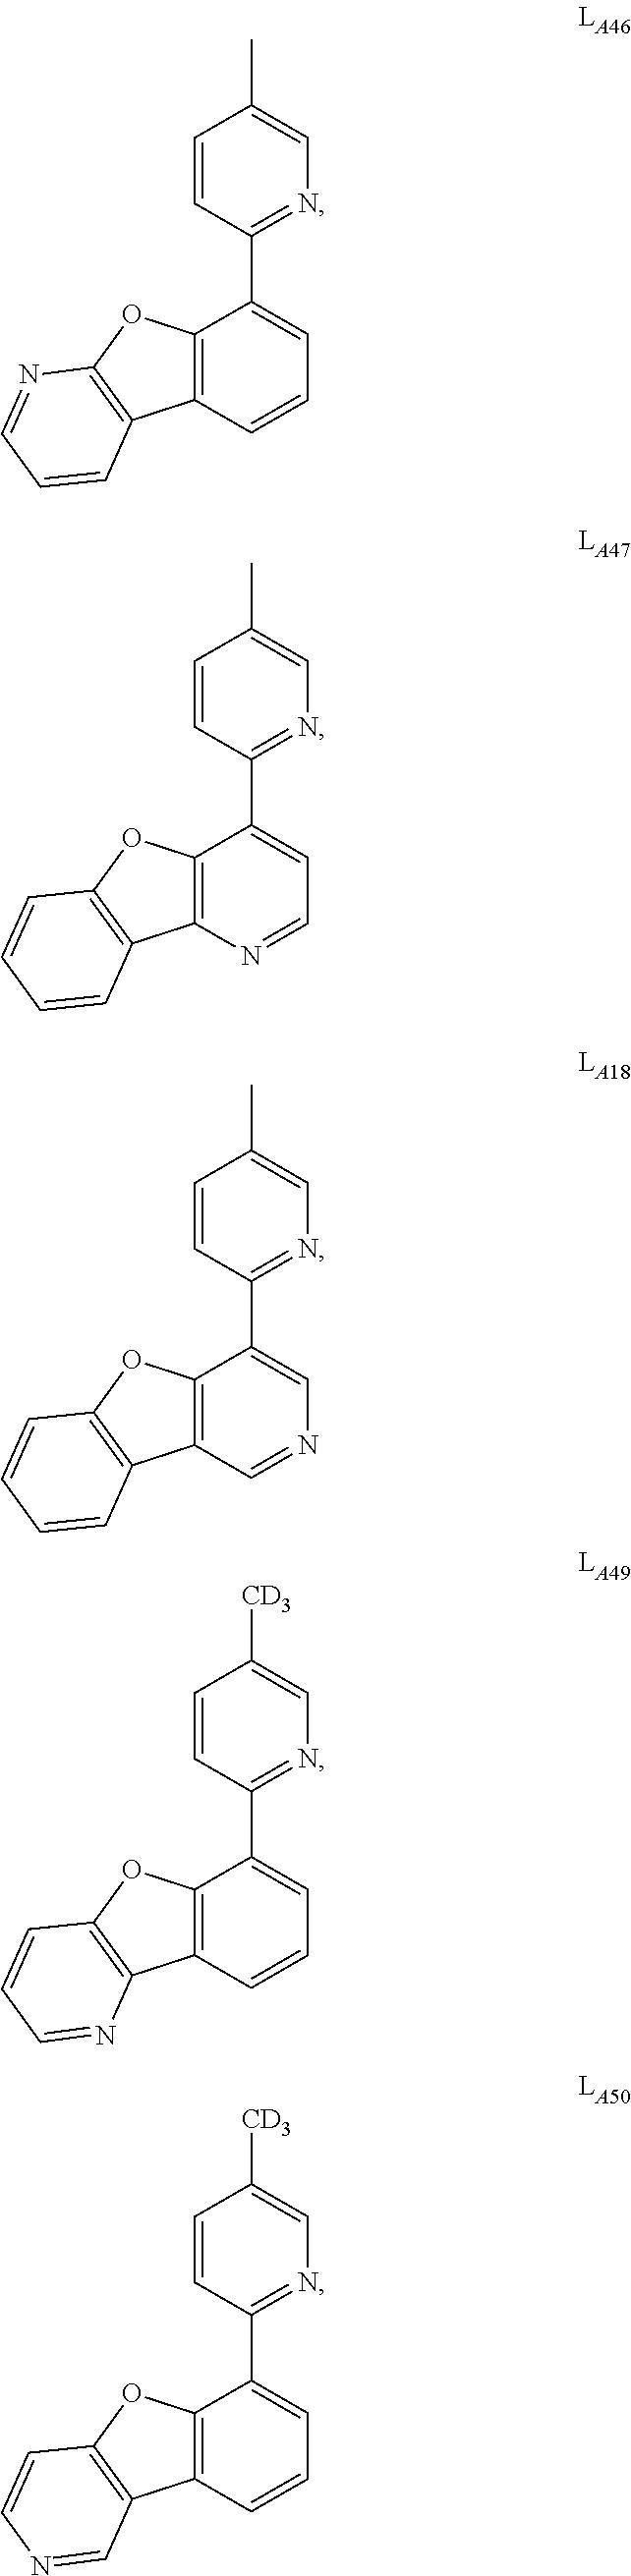 Figure US09634264-20170425-C00013